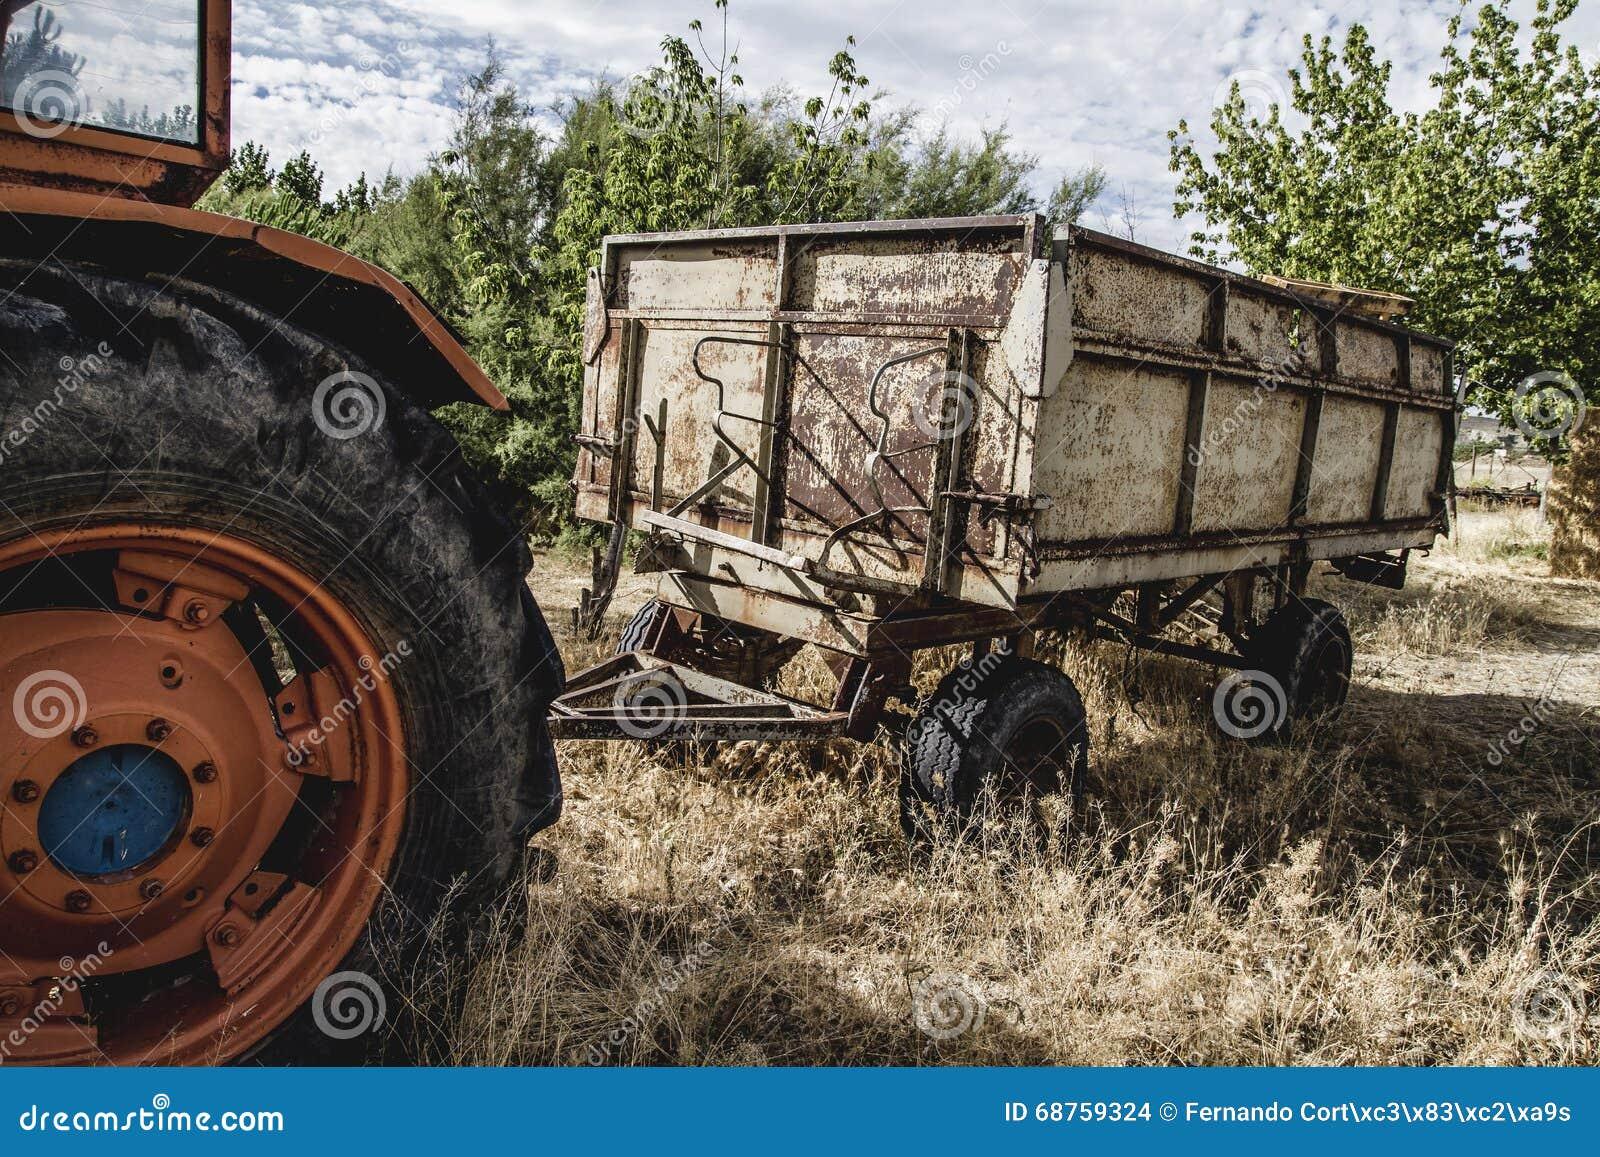 Tracteur agricole rural et vieux abandonné dans un domaine de ferme